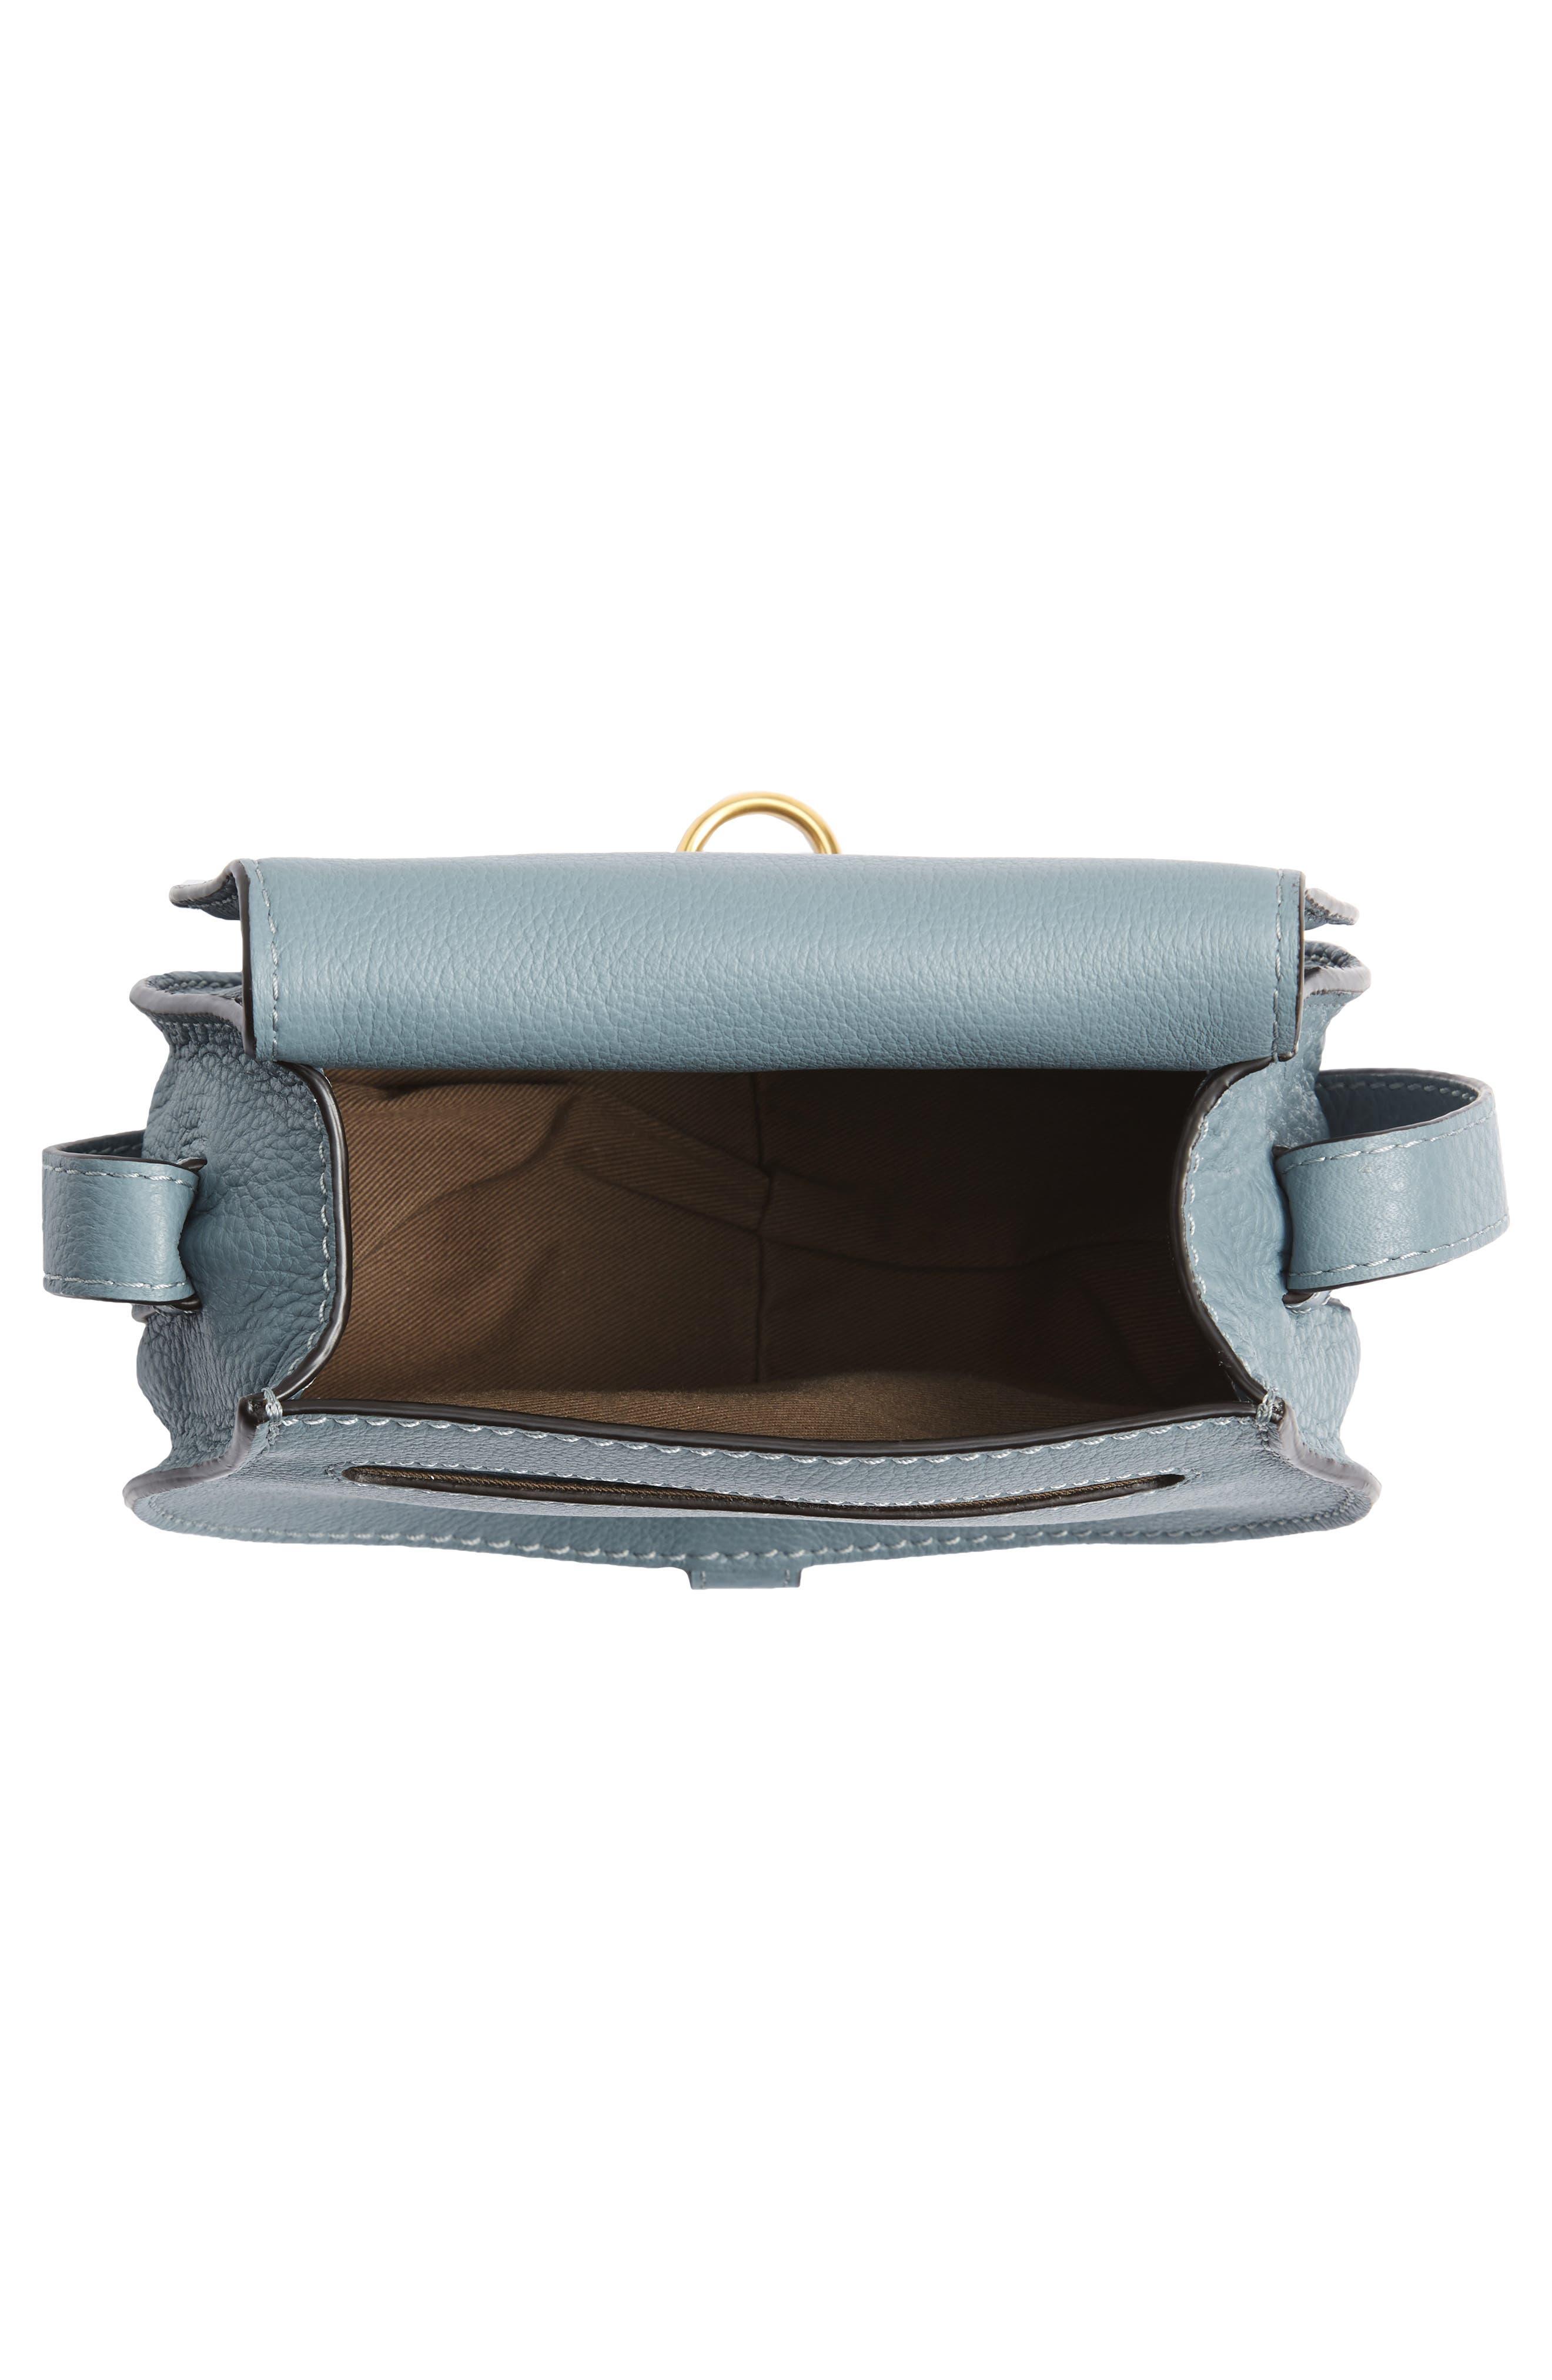 CHLOÉ, 'Mini Marcie' Leather Crossbody Bag, Alternate thumbnail 4, color, BFC CLOUDY BLUE